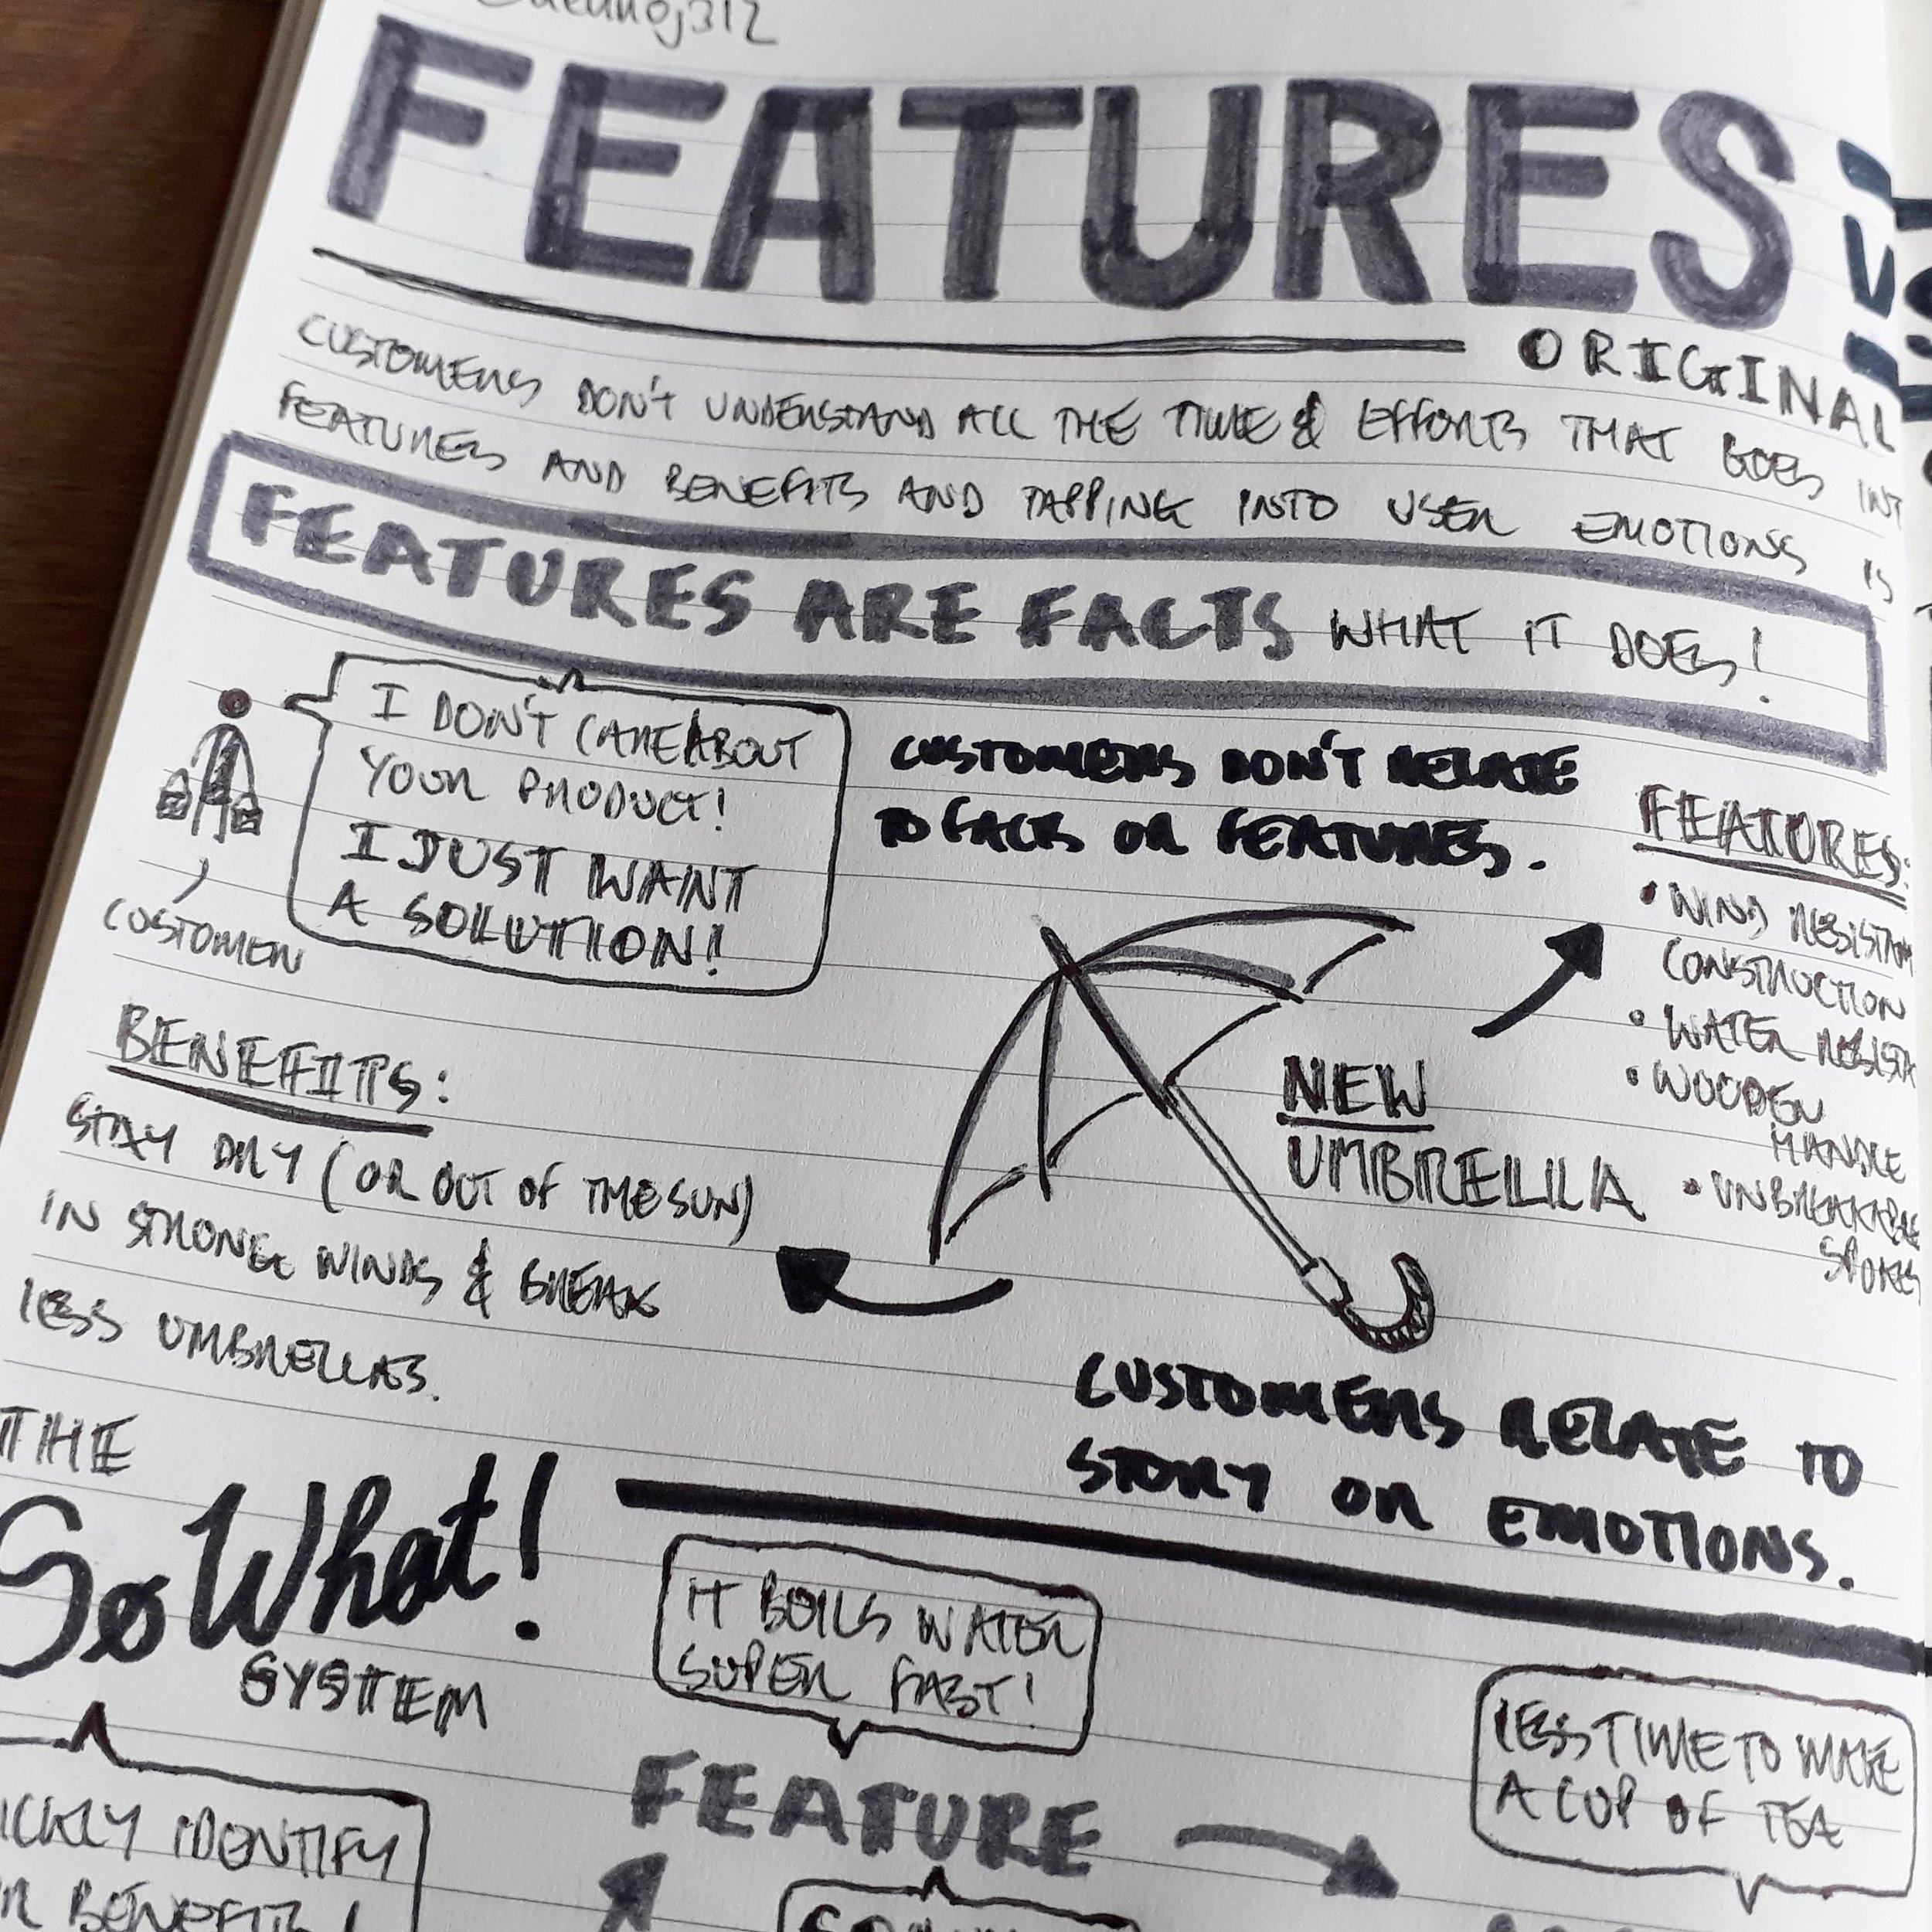 FeaturesVs.Benefits2.jpg